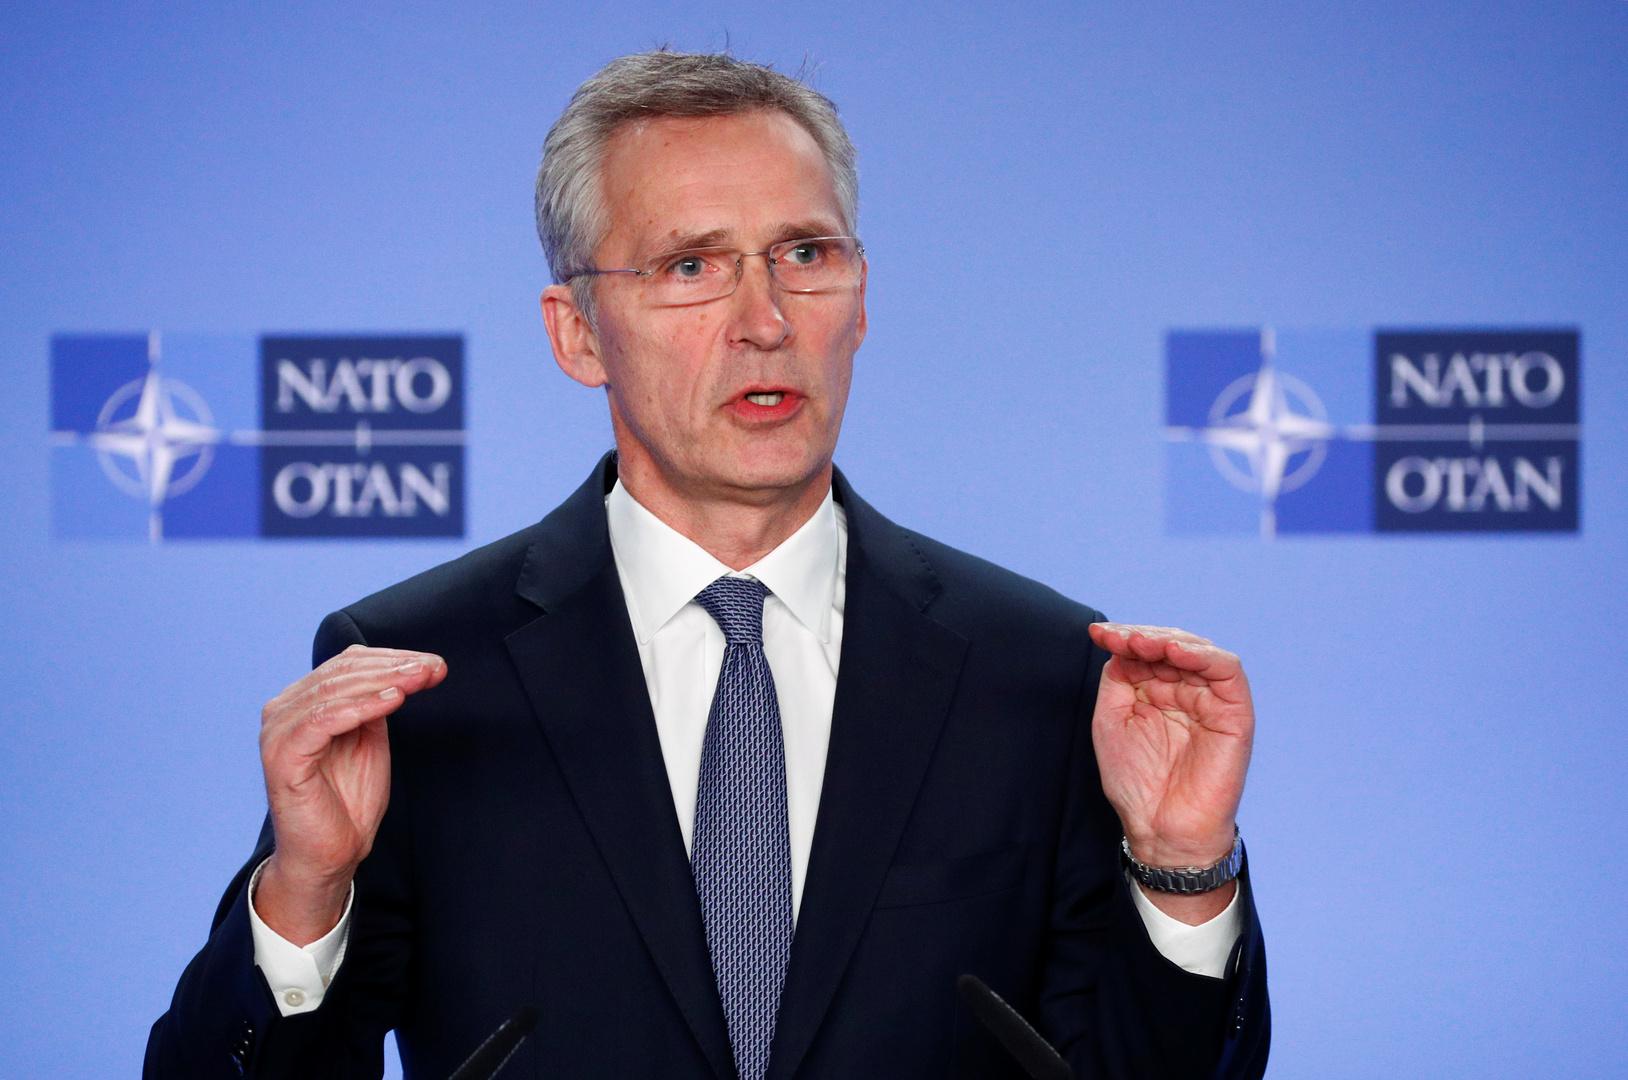 ستولتنبيرغ: توسيع وجود الناتو في الشرق الأوسط قد يشمل أولا تدريب القوات المحلية